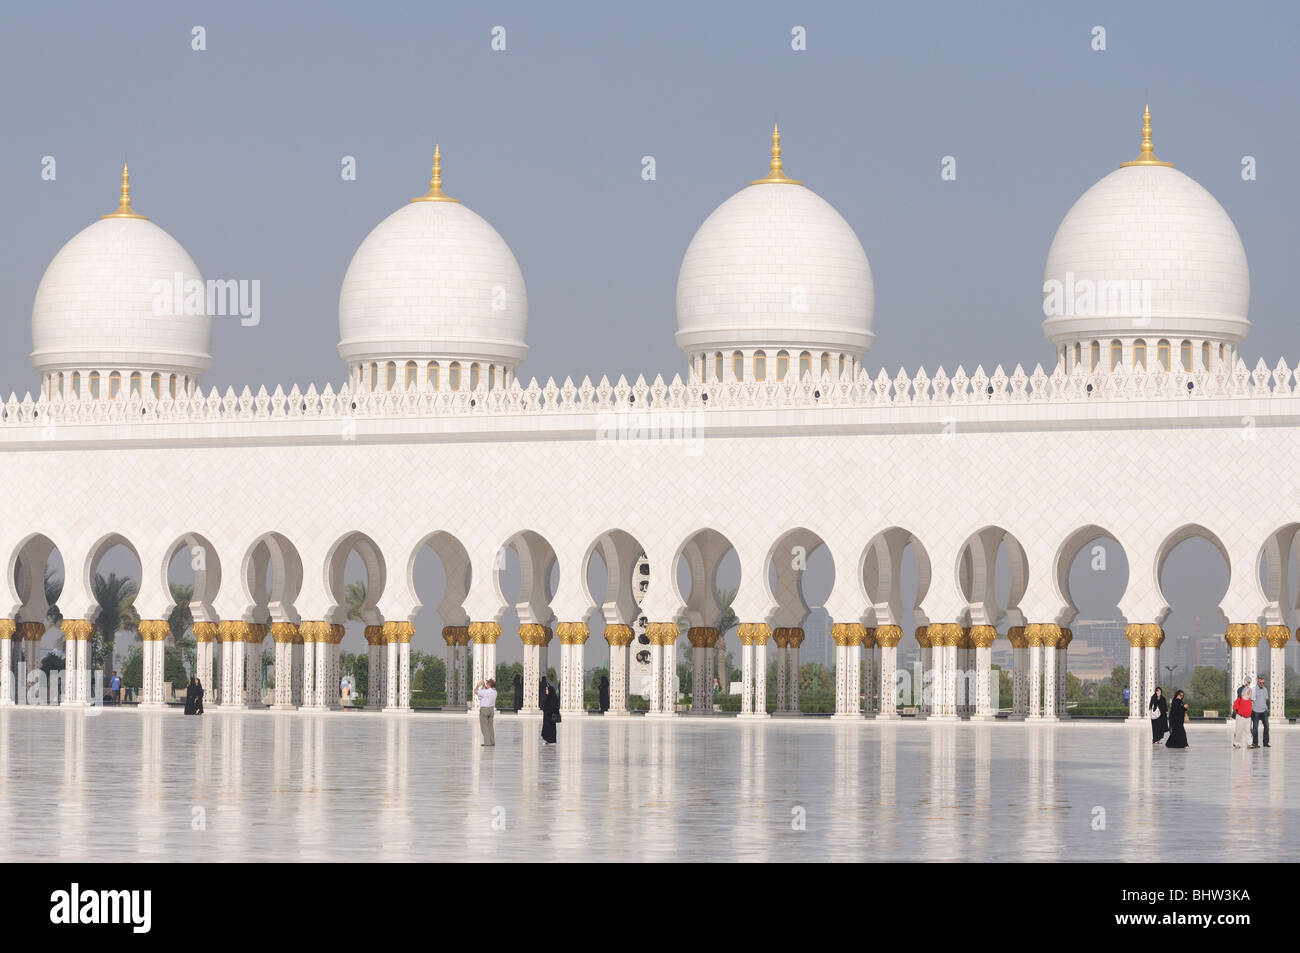 Moschea Sheikh Zayed di Abu Dhabi, Emirati Arabi Uniti Immagini Stock